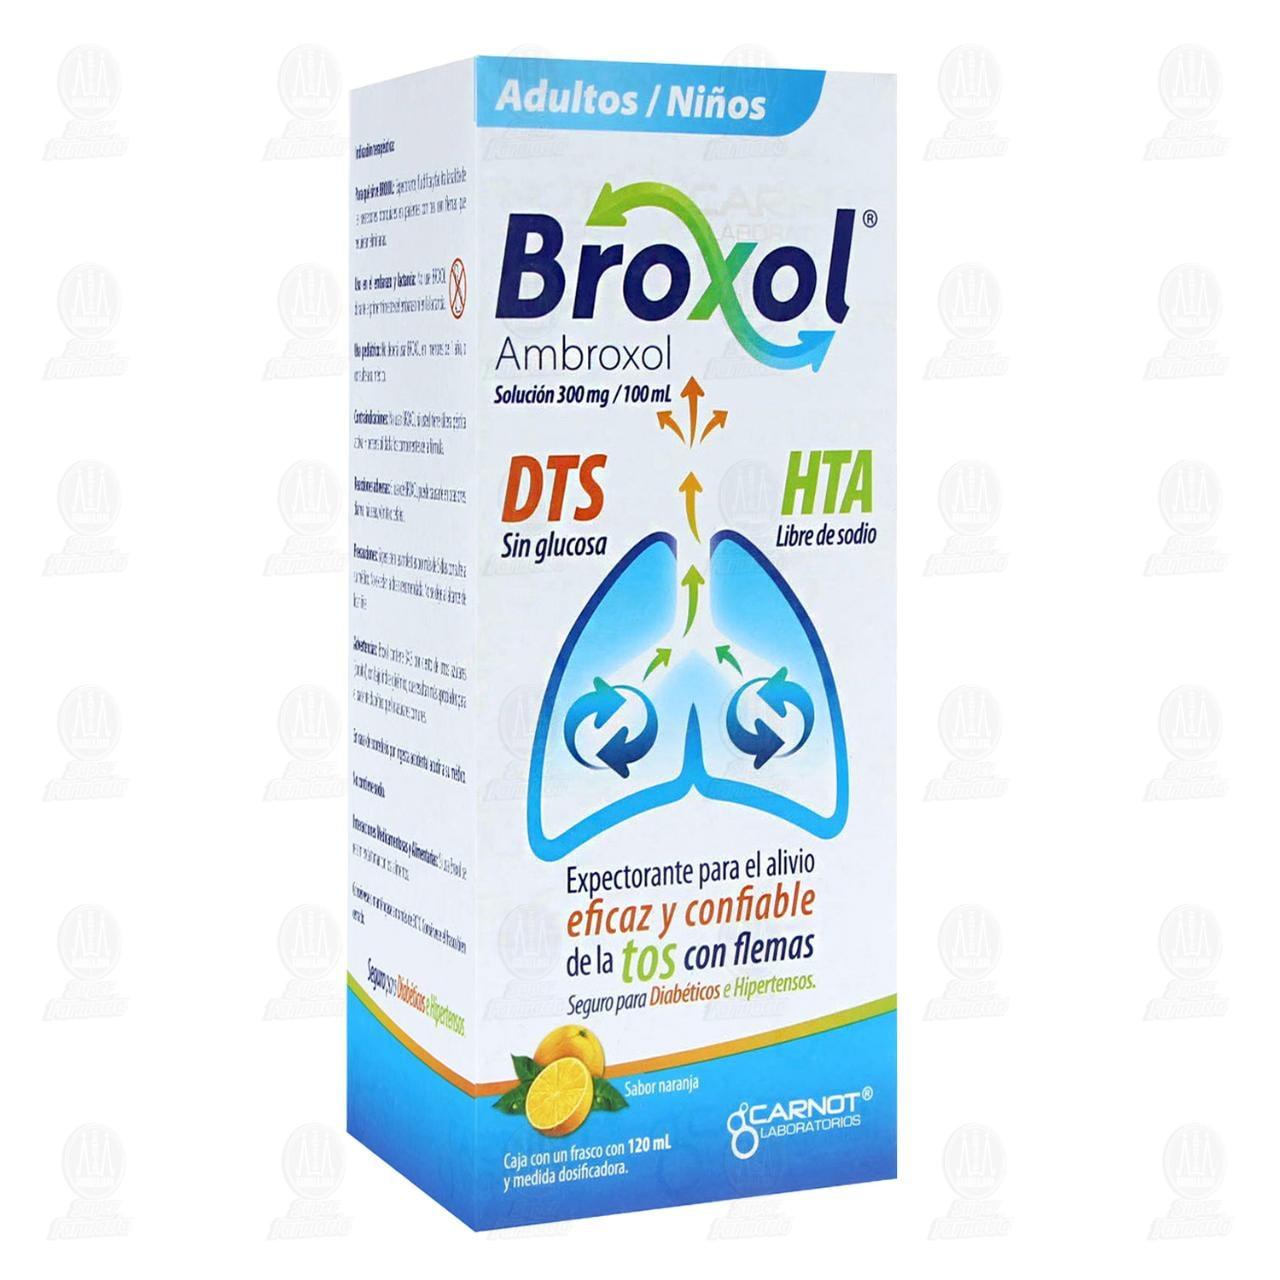 Comprar Broxol Solución Sabor Naranja 300mg/100ml 120ml en Farmacias Guadalajara